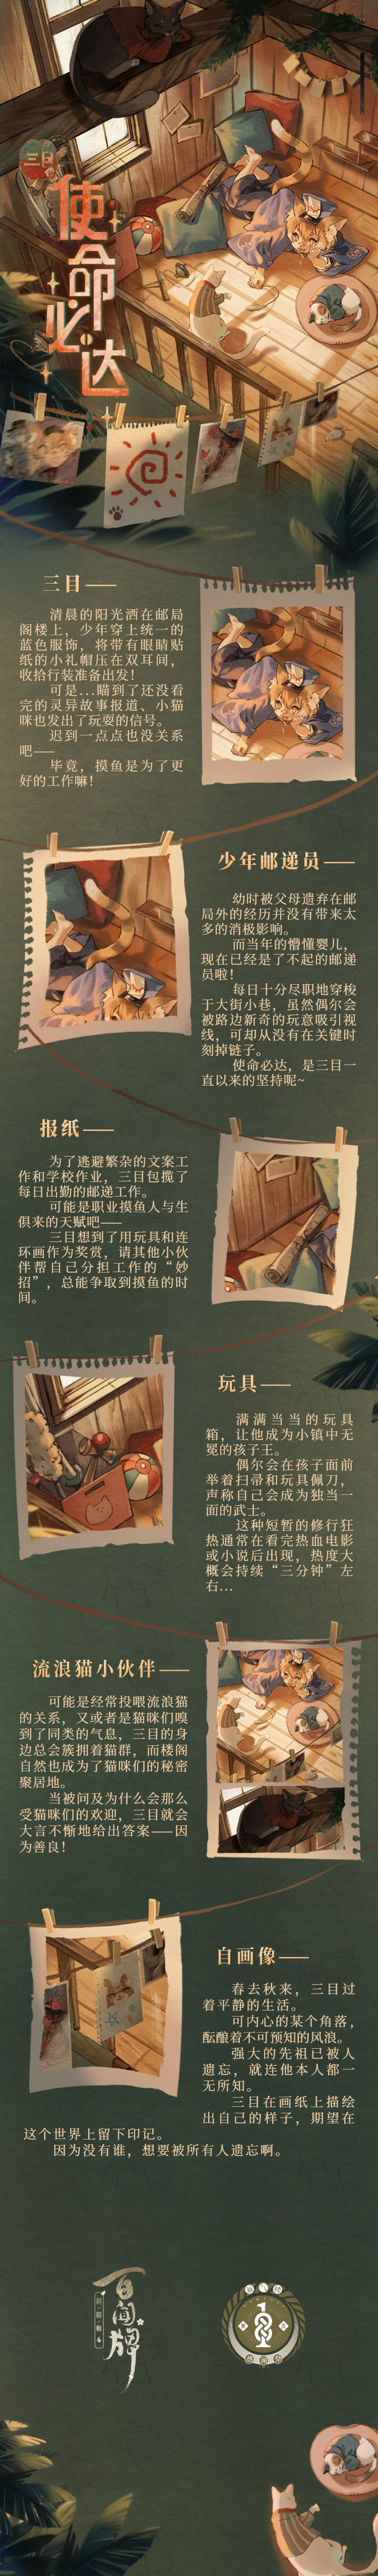 【阴阳师:百闻牌】三目式神卡异画·使命必达设计细节